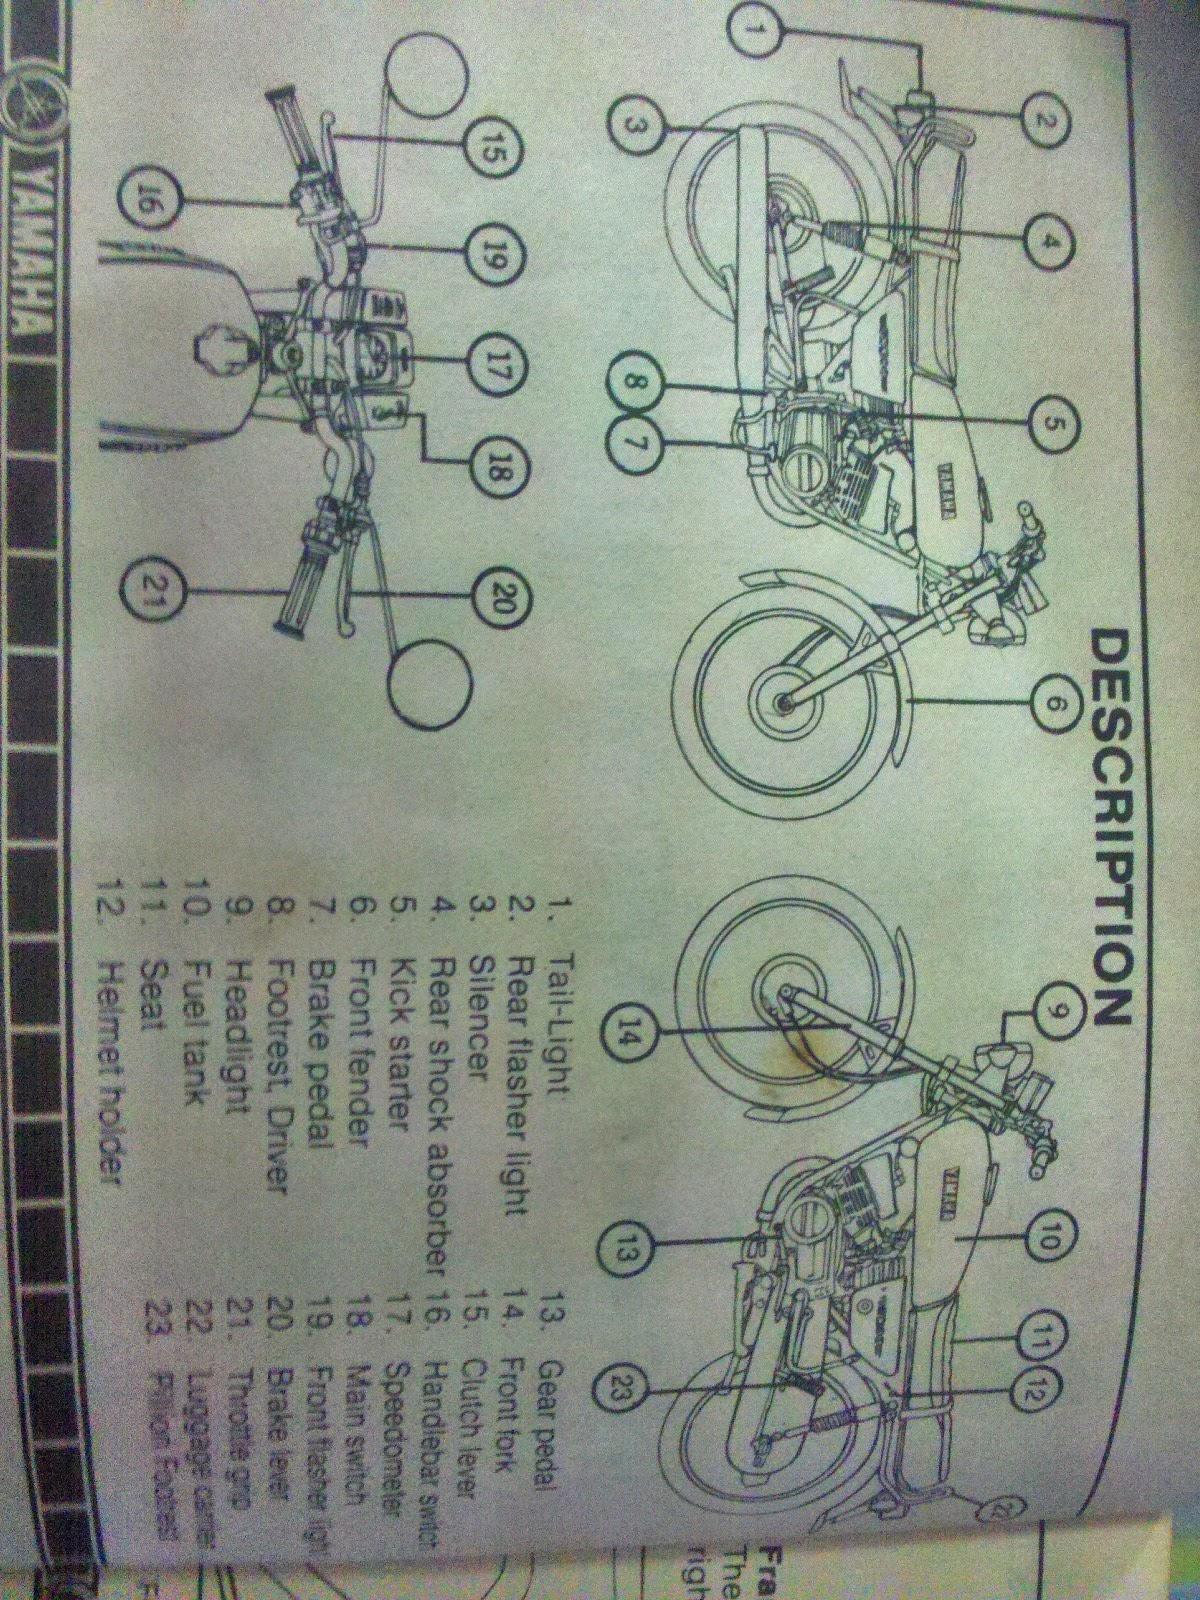 Rare Motorcycle: Yamaha rx 100 Owners manual